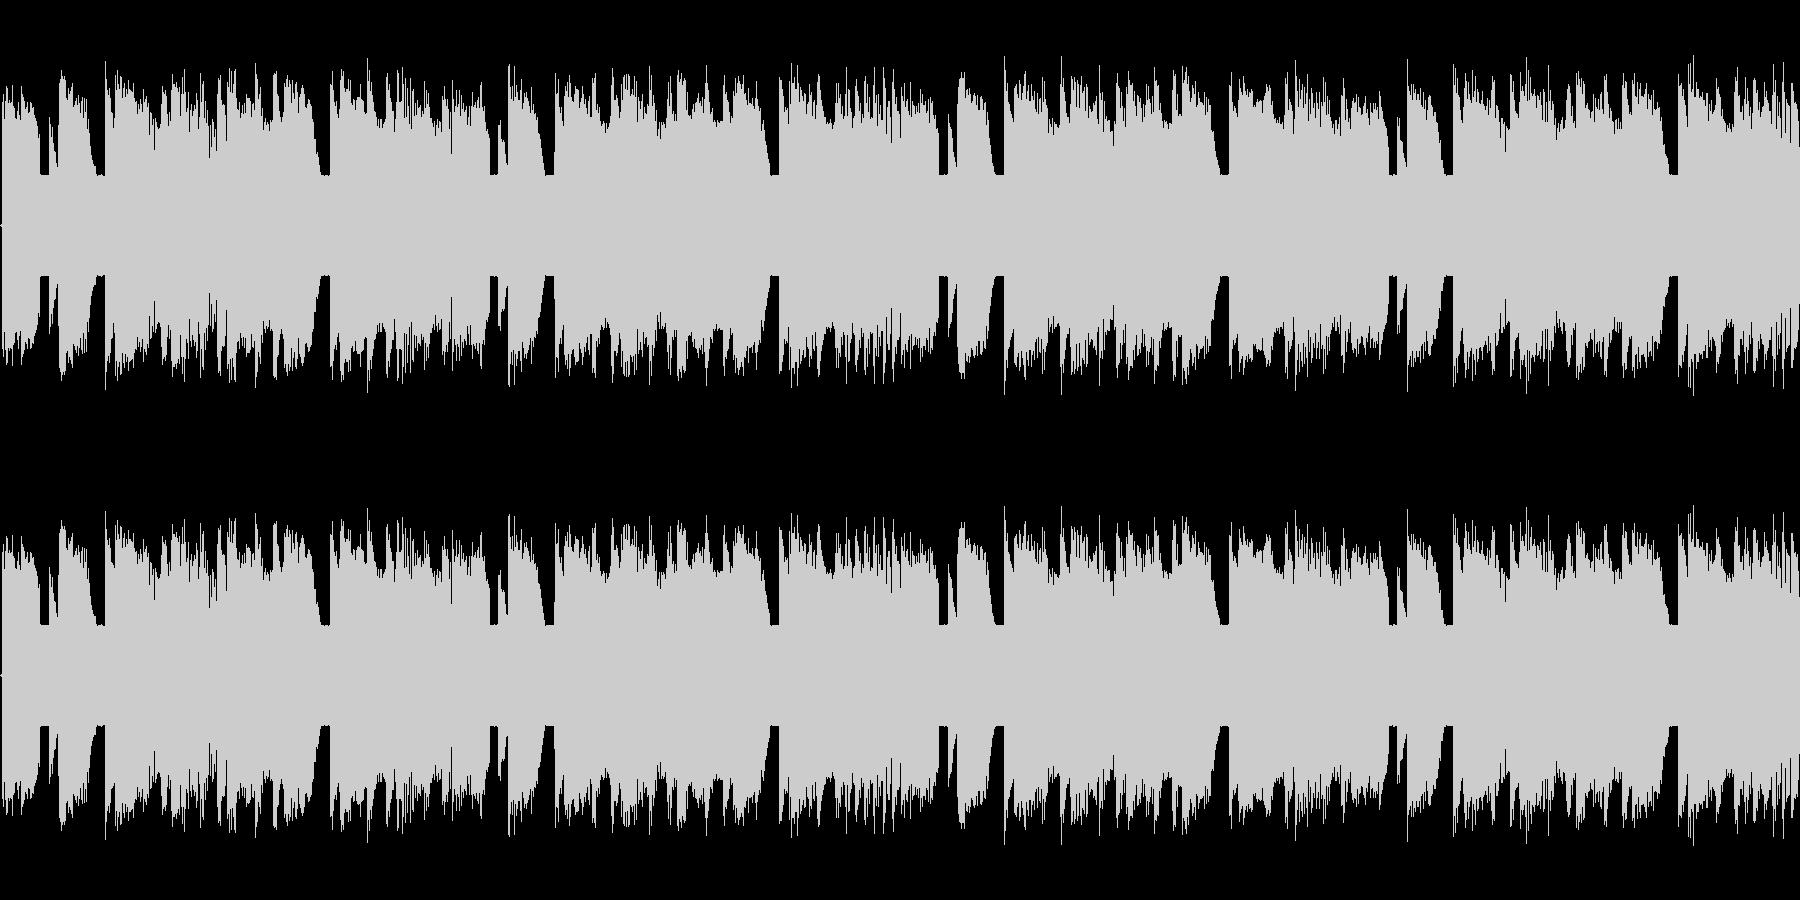 チップチューンの軽快な短いループ3の未再生の波形